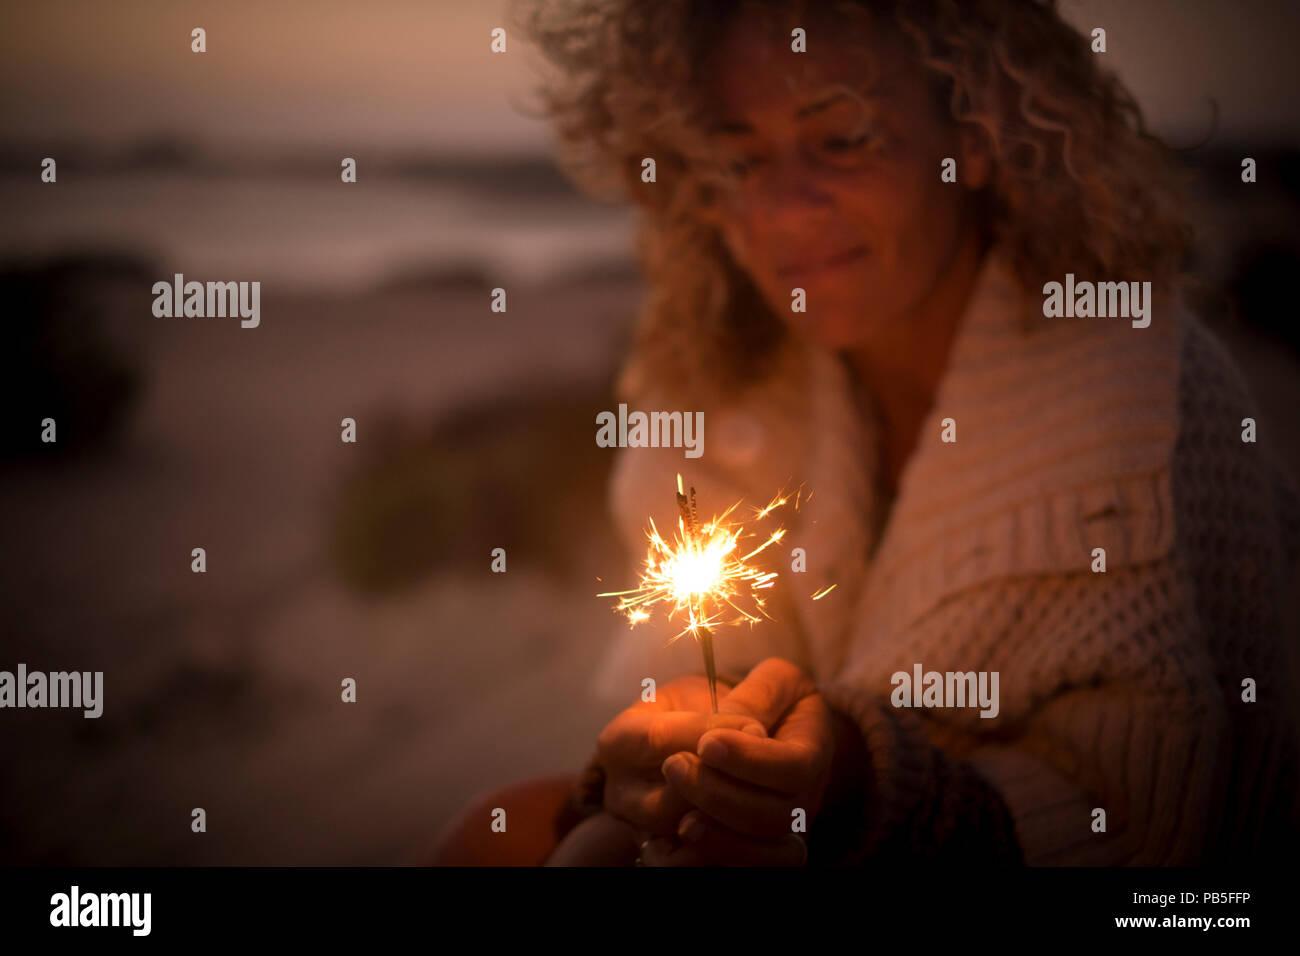 Schöne Dame verwenden und einen funkelnden Feuer Licht in einer Sommernacht. Strand und Meer defokussierten im Hintergrund. Reisen und Ferien Konzept für ein Dre Stockbild